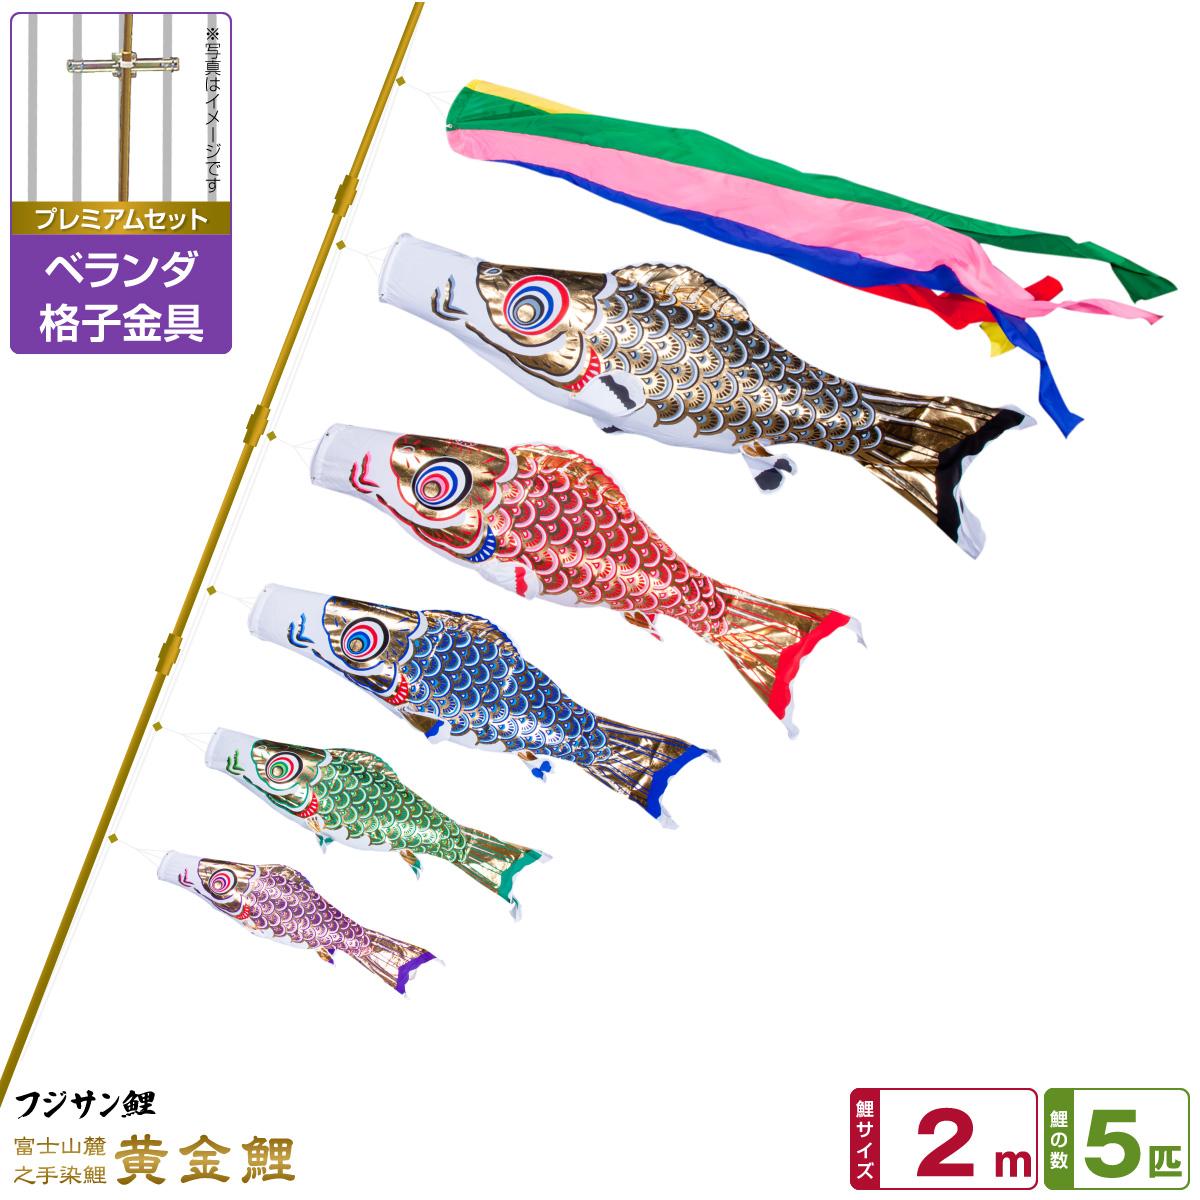 ベランダ用 こいのぼり 鯉のぼり フジサン鯉 黄金鯉 2m 8点(吹流し+鯉5匹+矢車+ロープ)/プレミアムセット(格子金具)